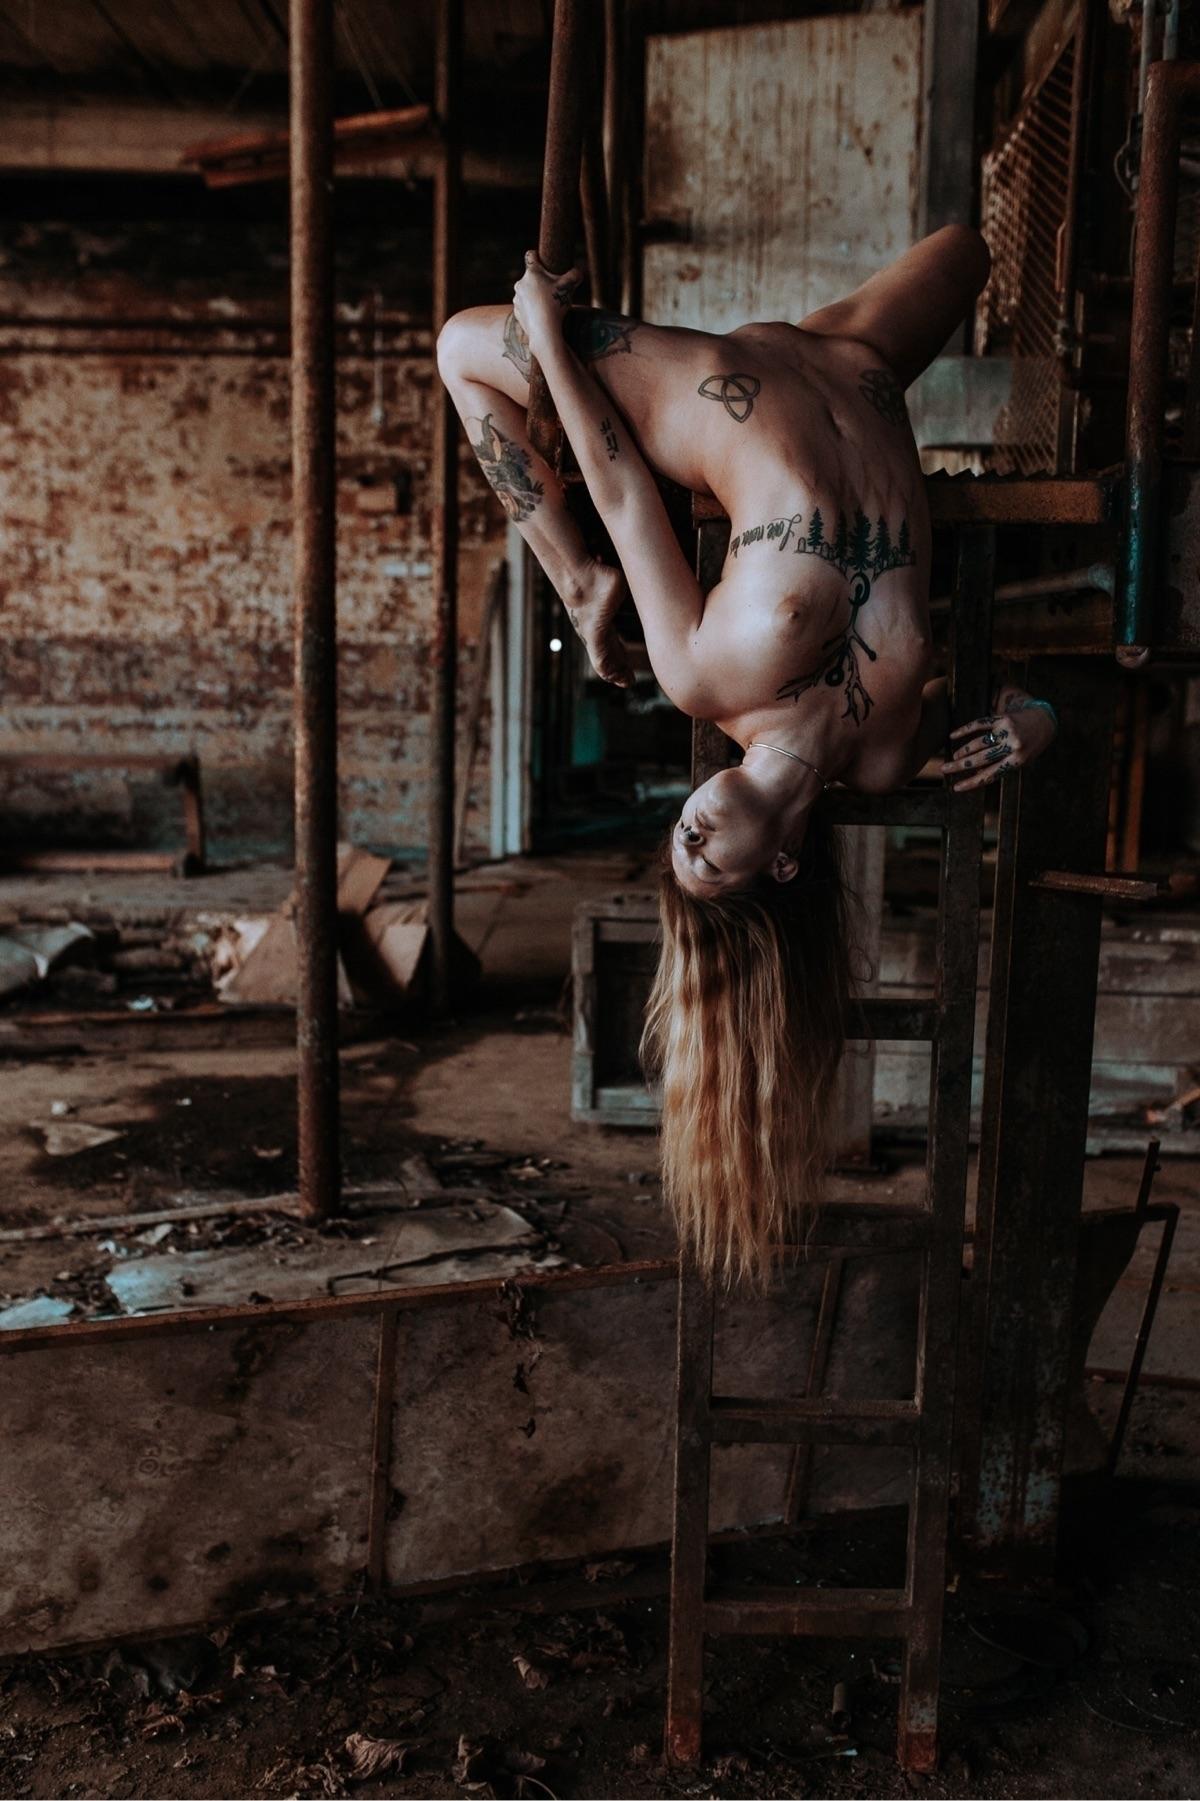 Model - poopiephotographer | ello